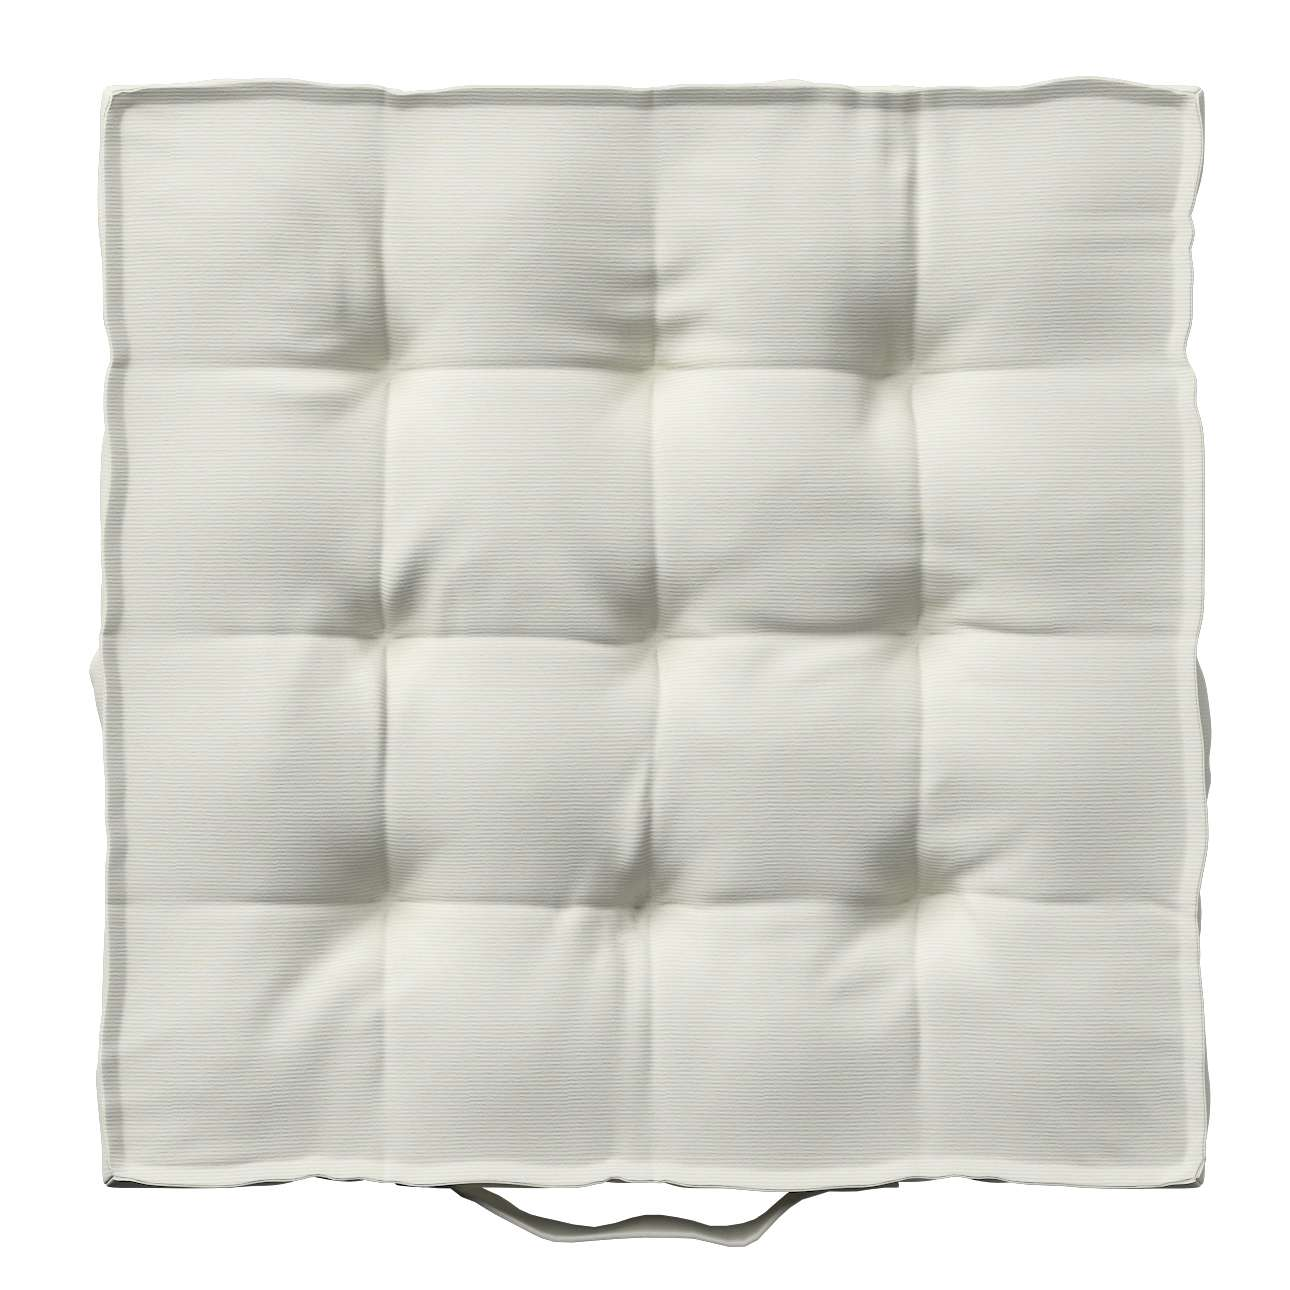 Pagalvėlė Kuba kėdei/ant grindų 40 x 40 x 6 cm kolekcijoje Jupiter, audinys: 127-00